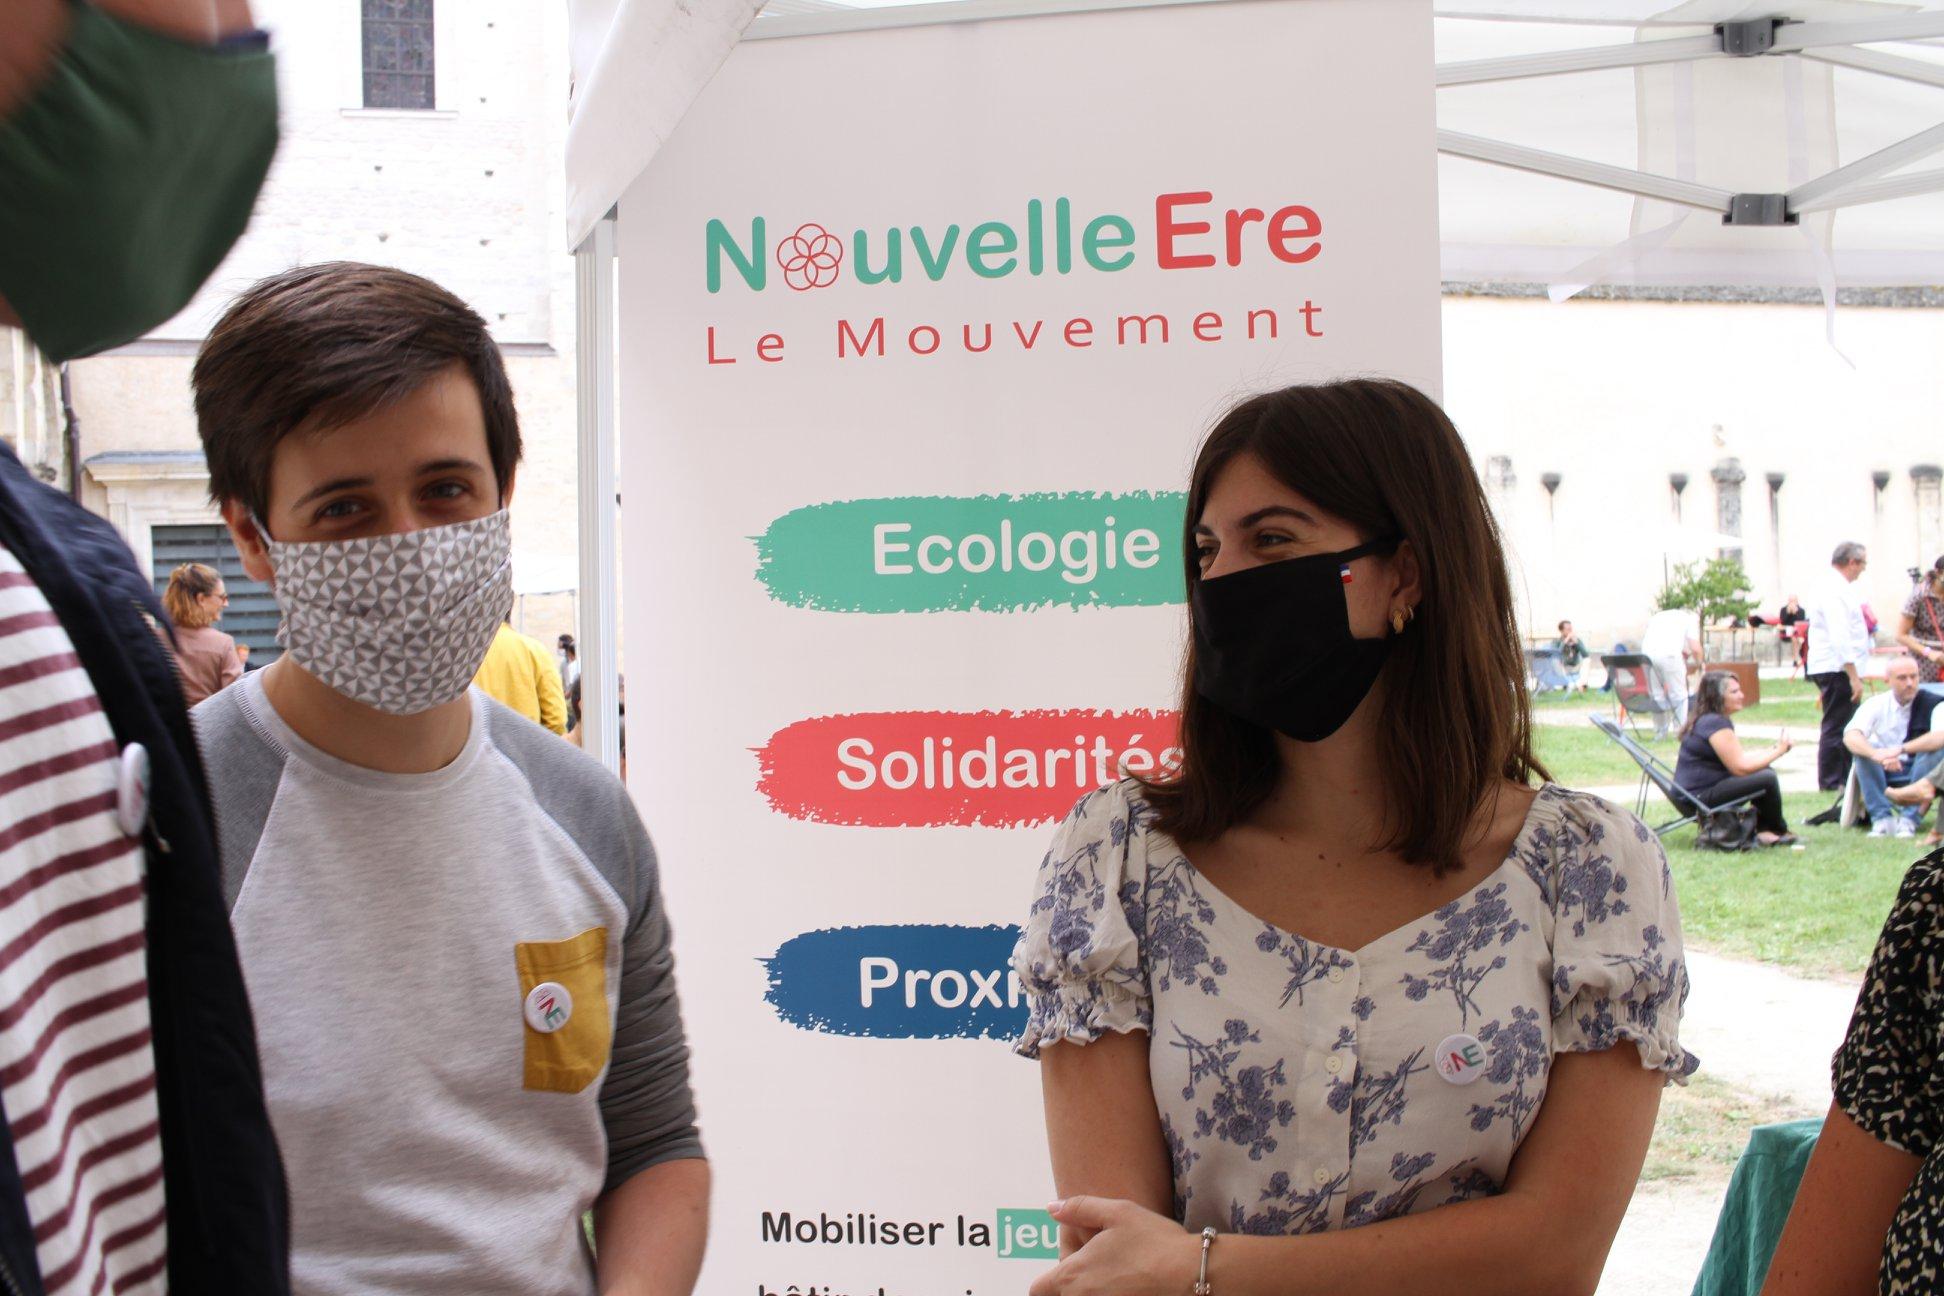 https://www.nouvelle-ere.org/wp-content/uploads/2020/10/un-mouv-de-jeunesse.jpg